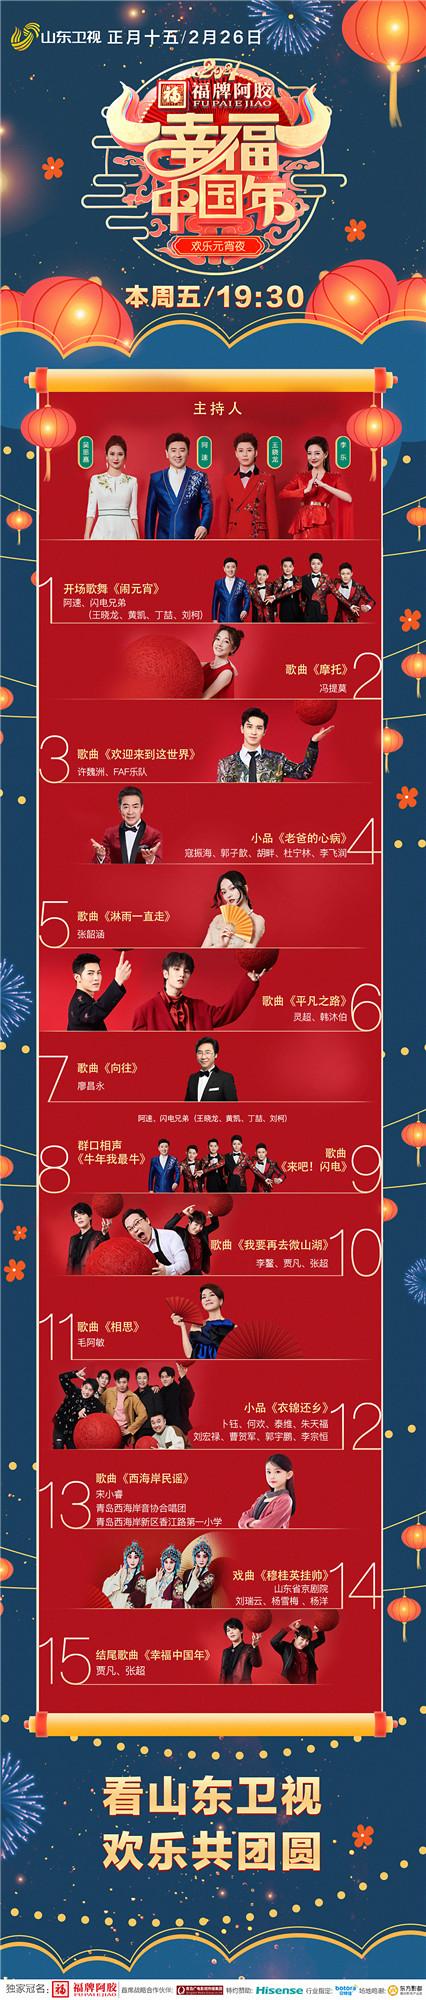 山东卫视元宵晚会节目单揭晓 毛阿敏再唱《相思》